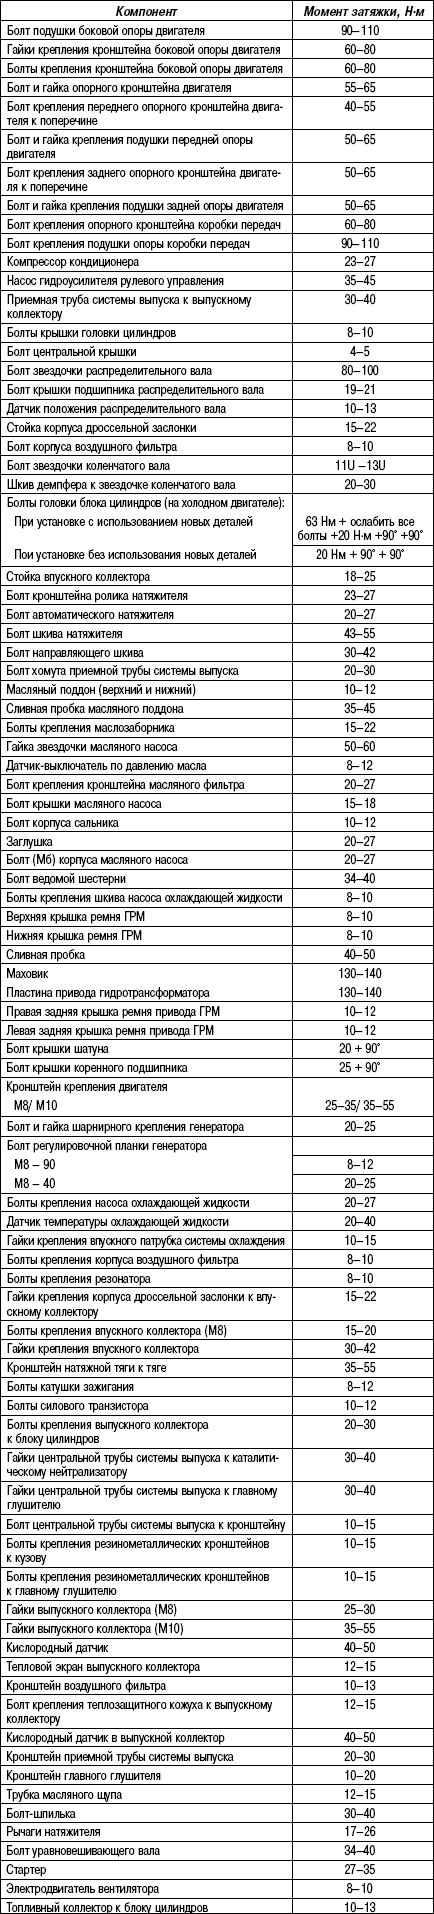 2.11.3 Таблица 2.2. Моменты затяжки резьбовых соединений, двигатели объемом 2,0 / 2,4 л